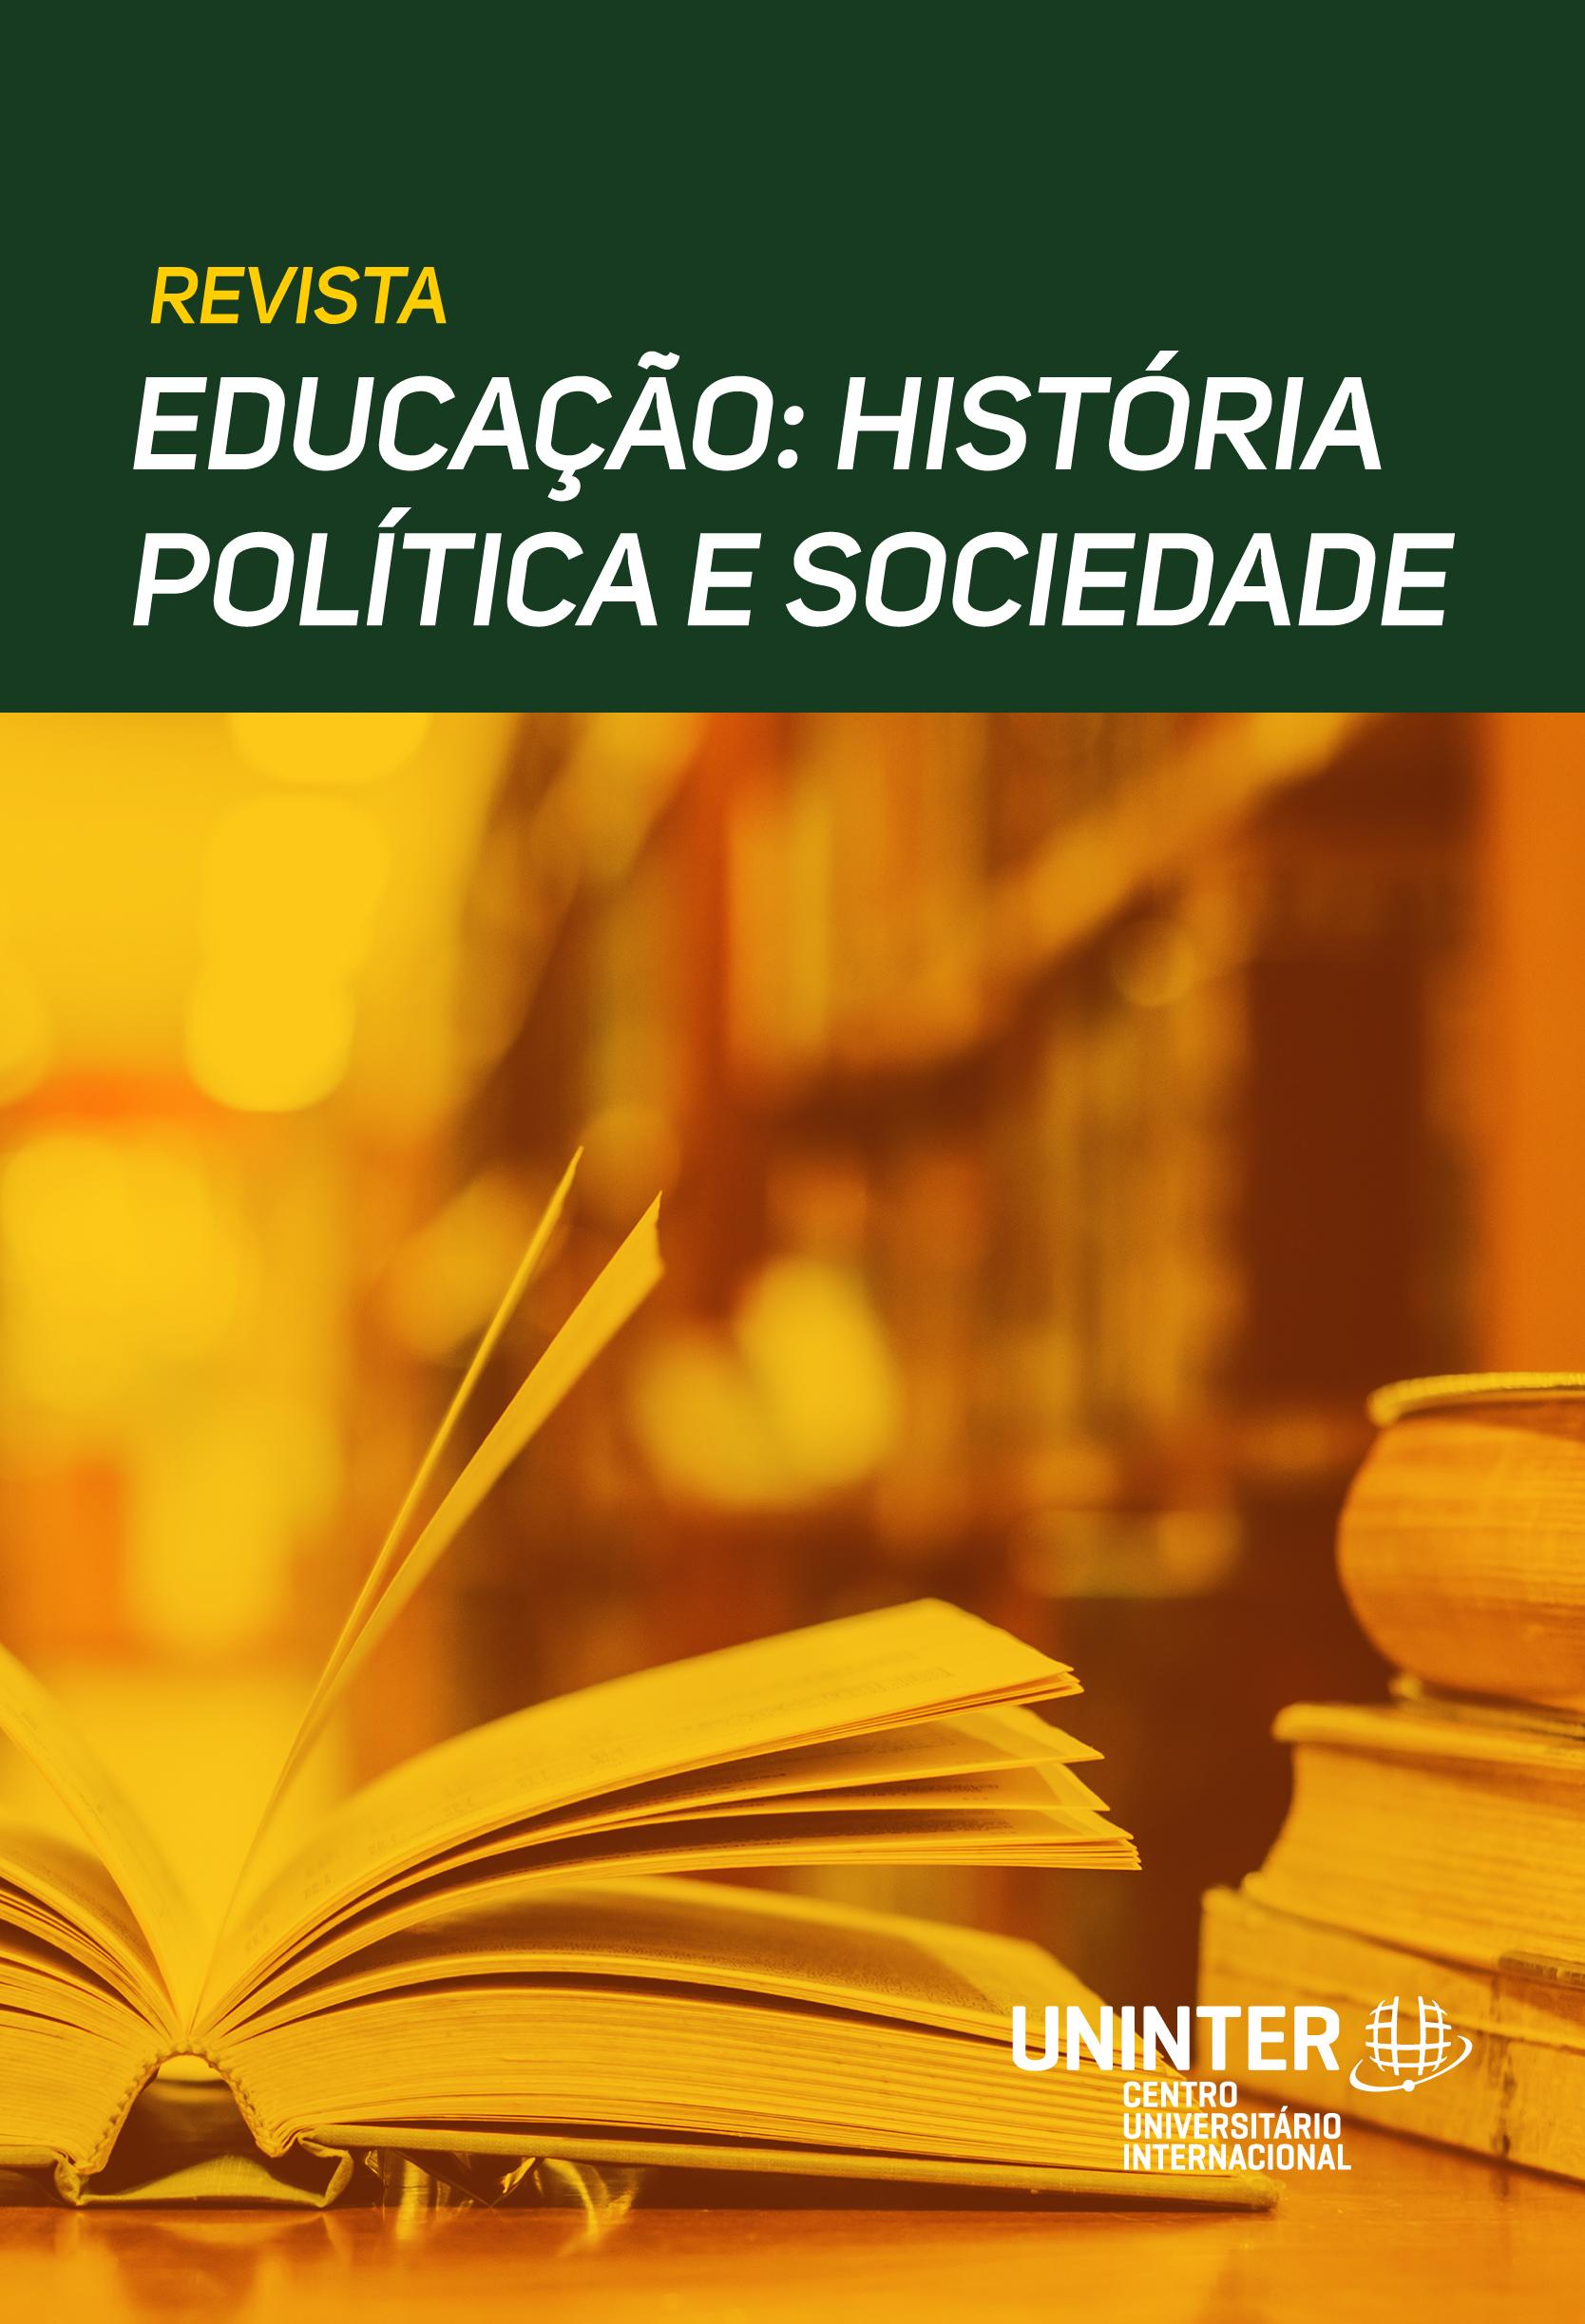 Revista Educação, História, Política e Sociedade